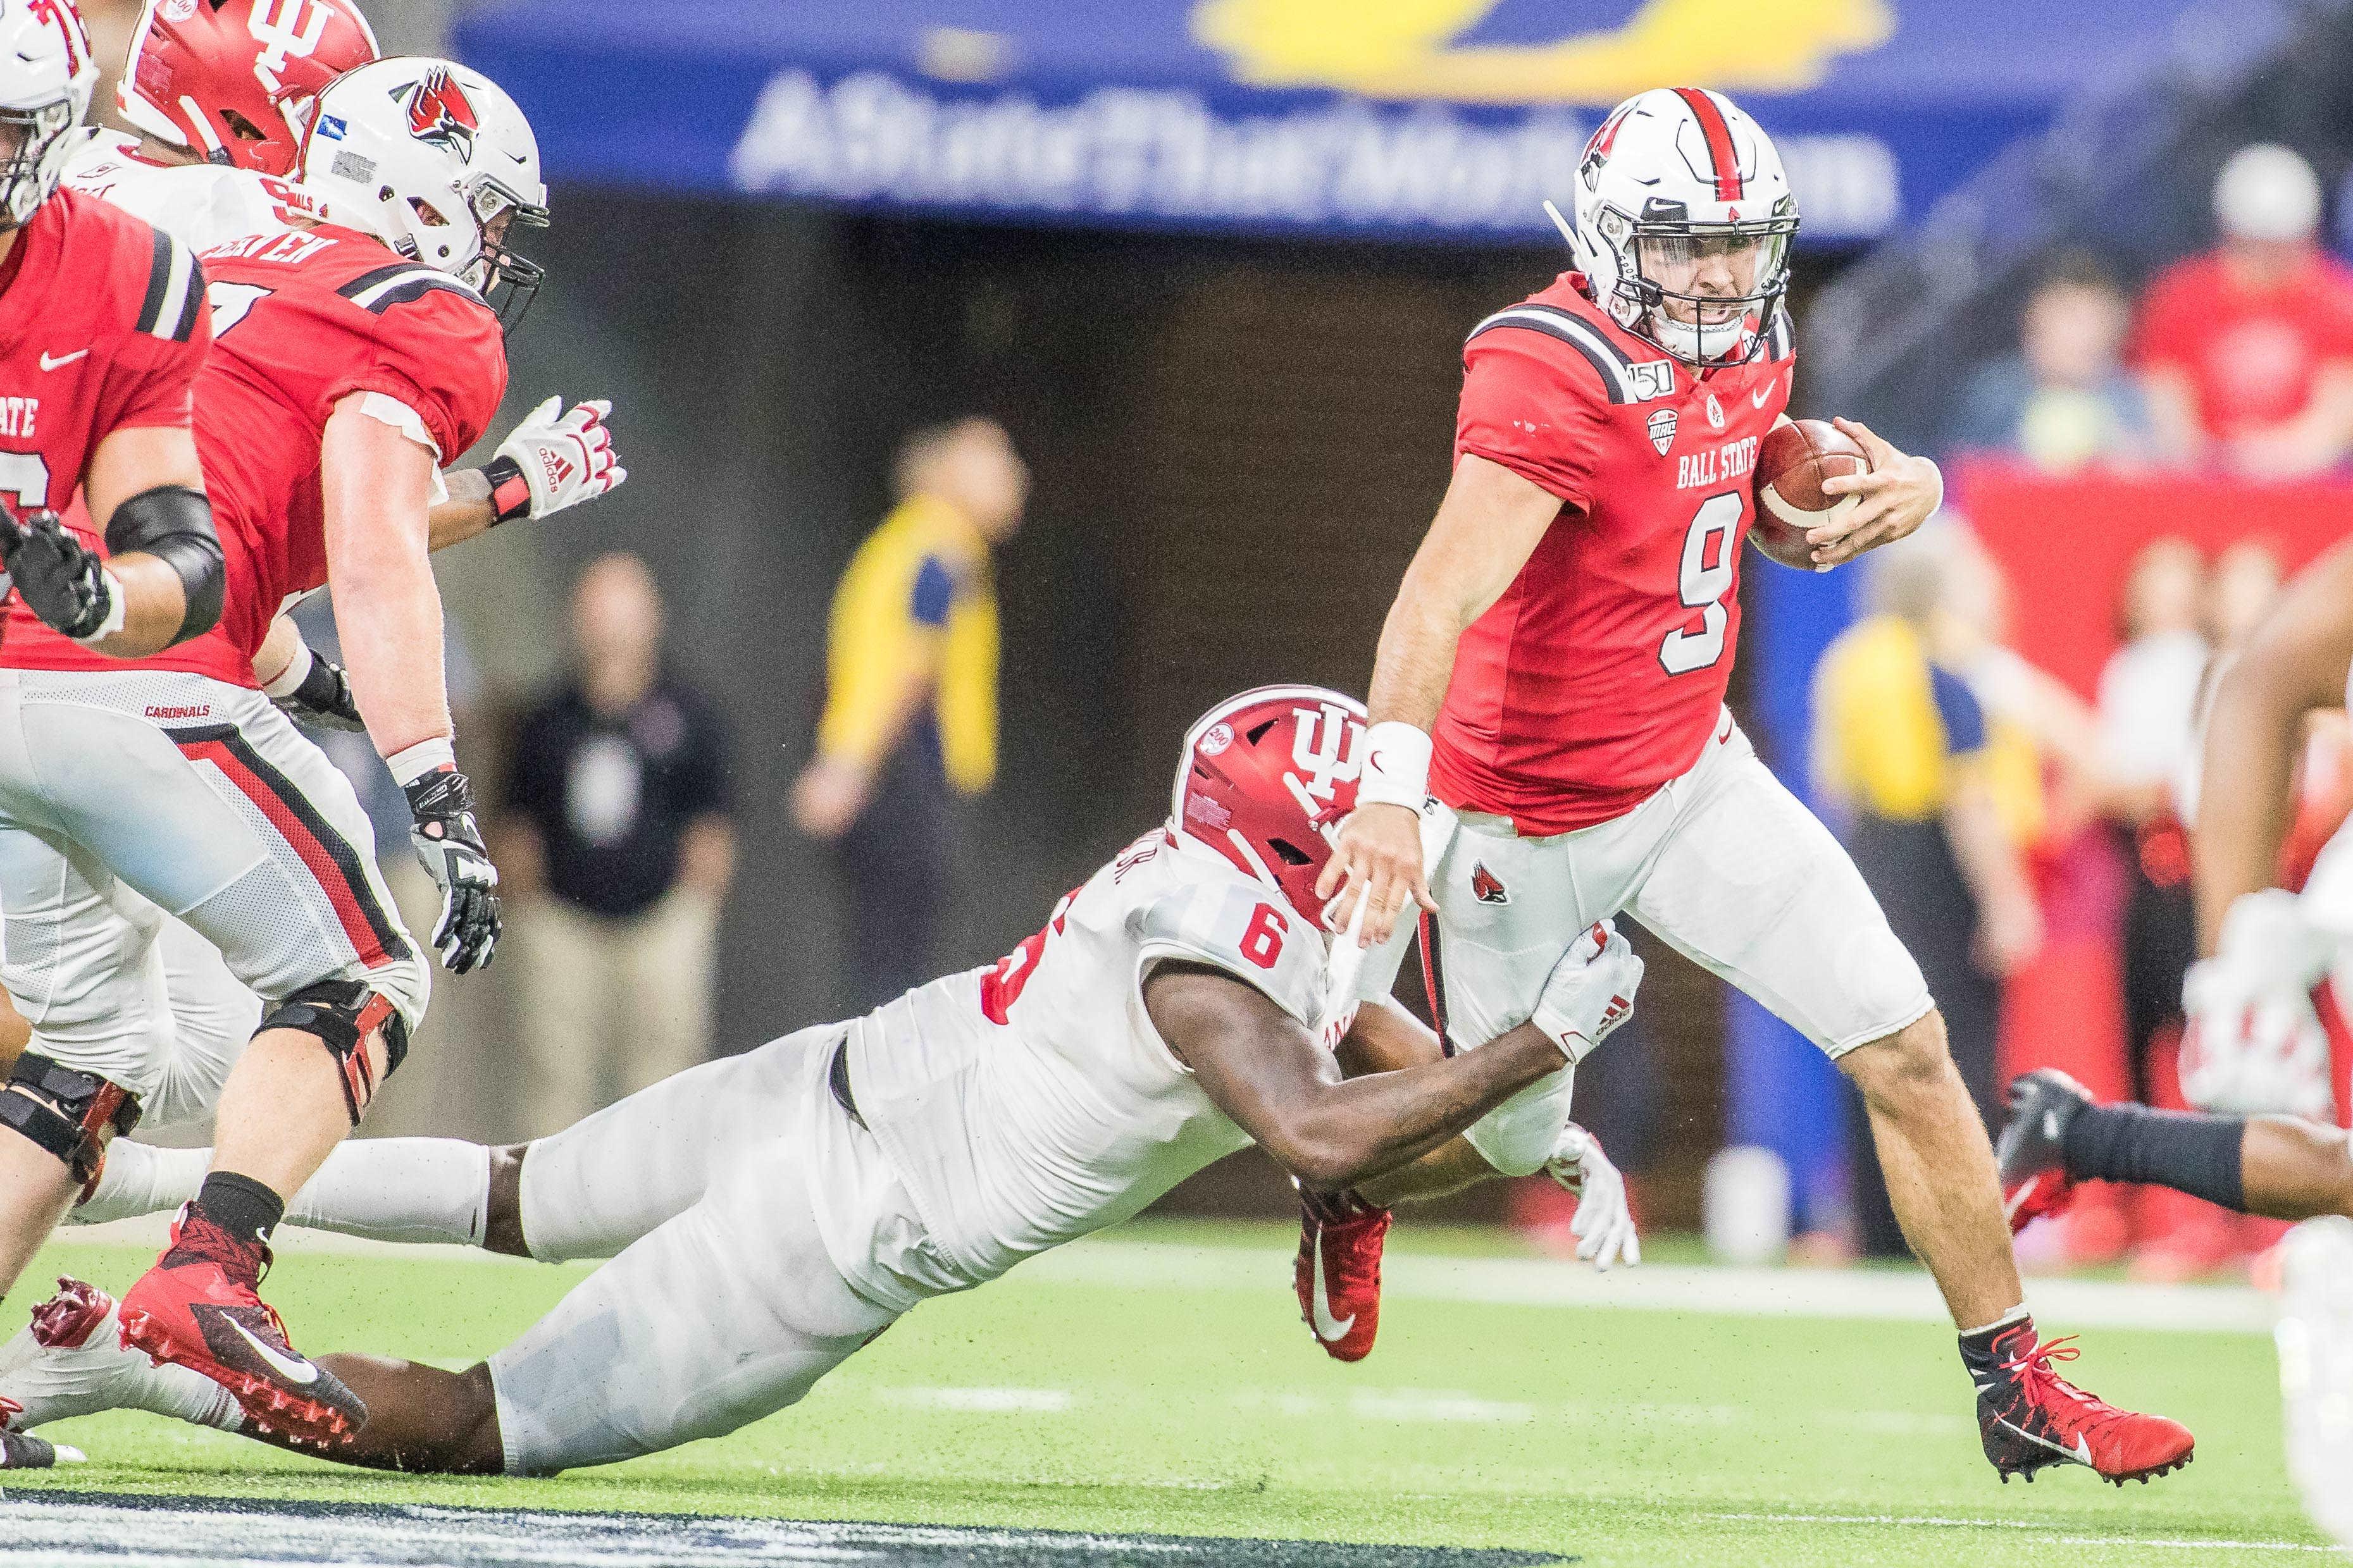 NCAA Football: Indiana at Ball State